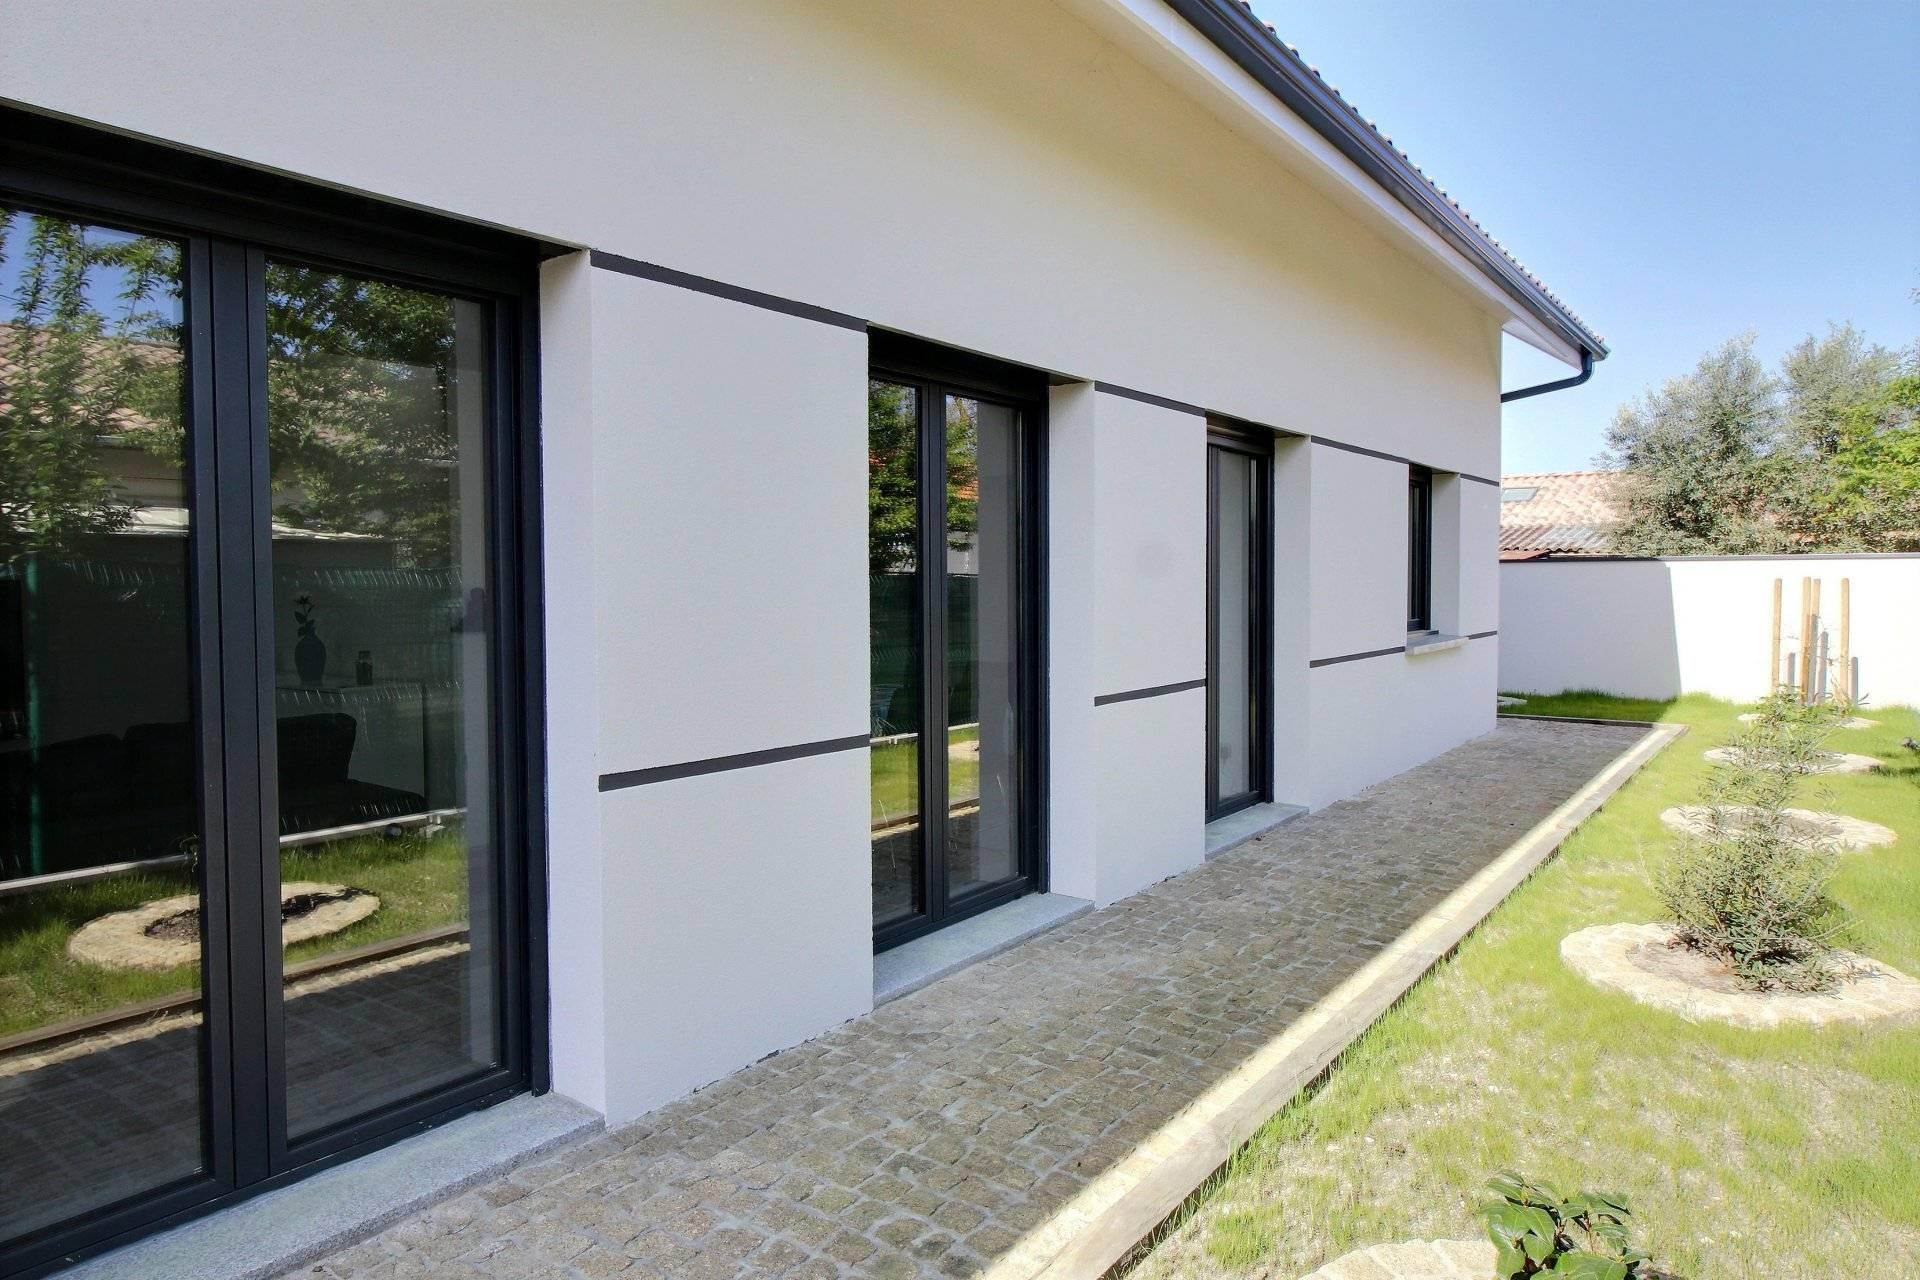 Maison contemporaine 3 chambres a vendre BASSIN D'ARCACHON